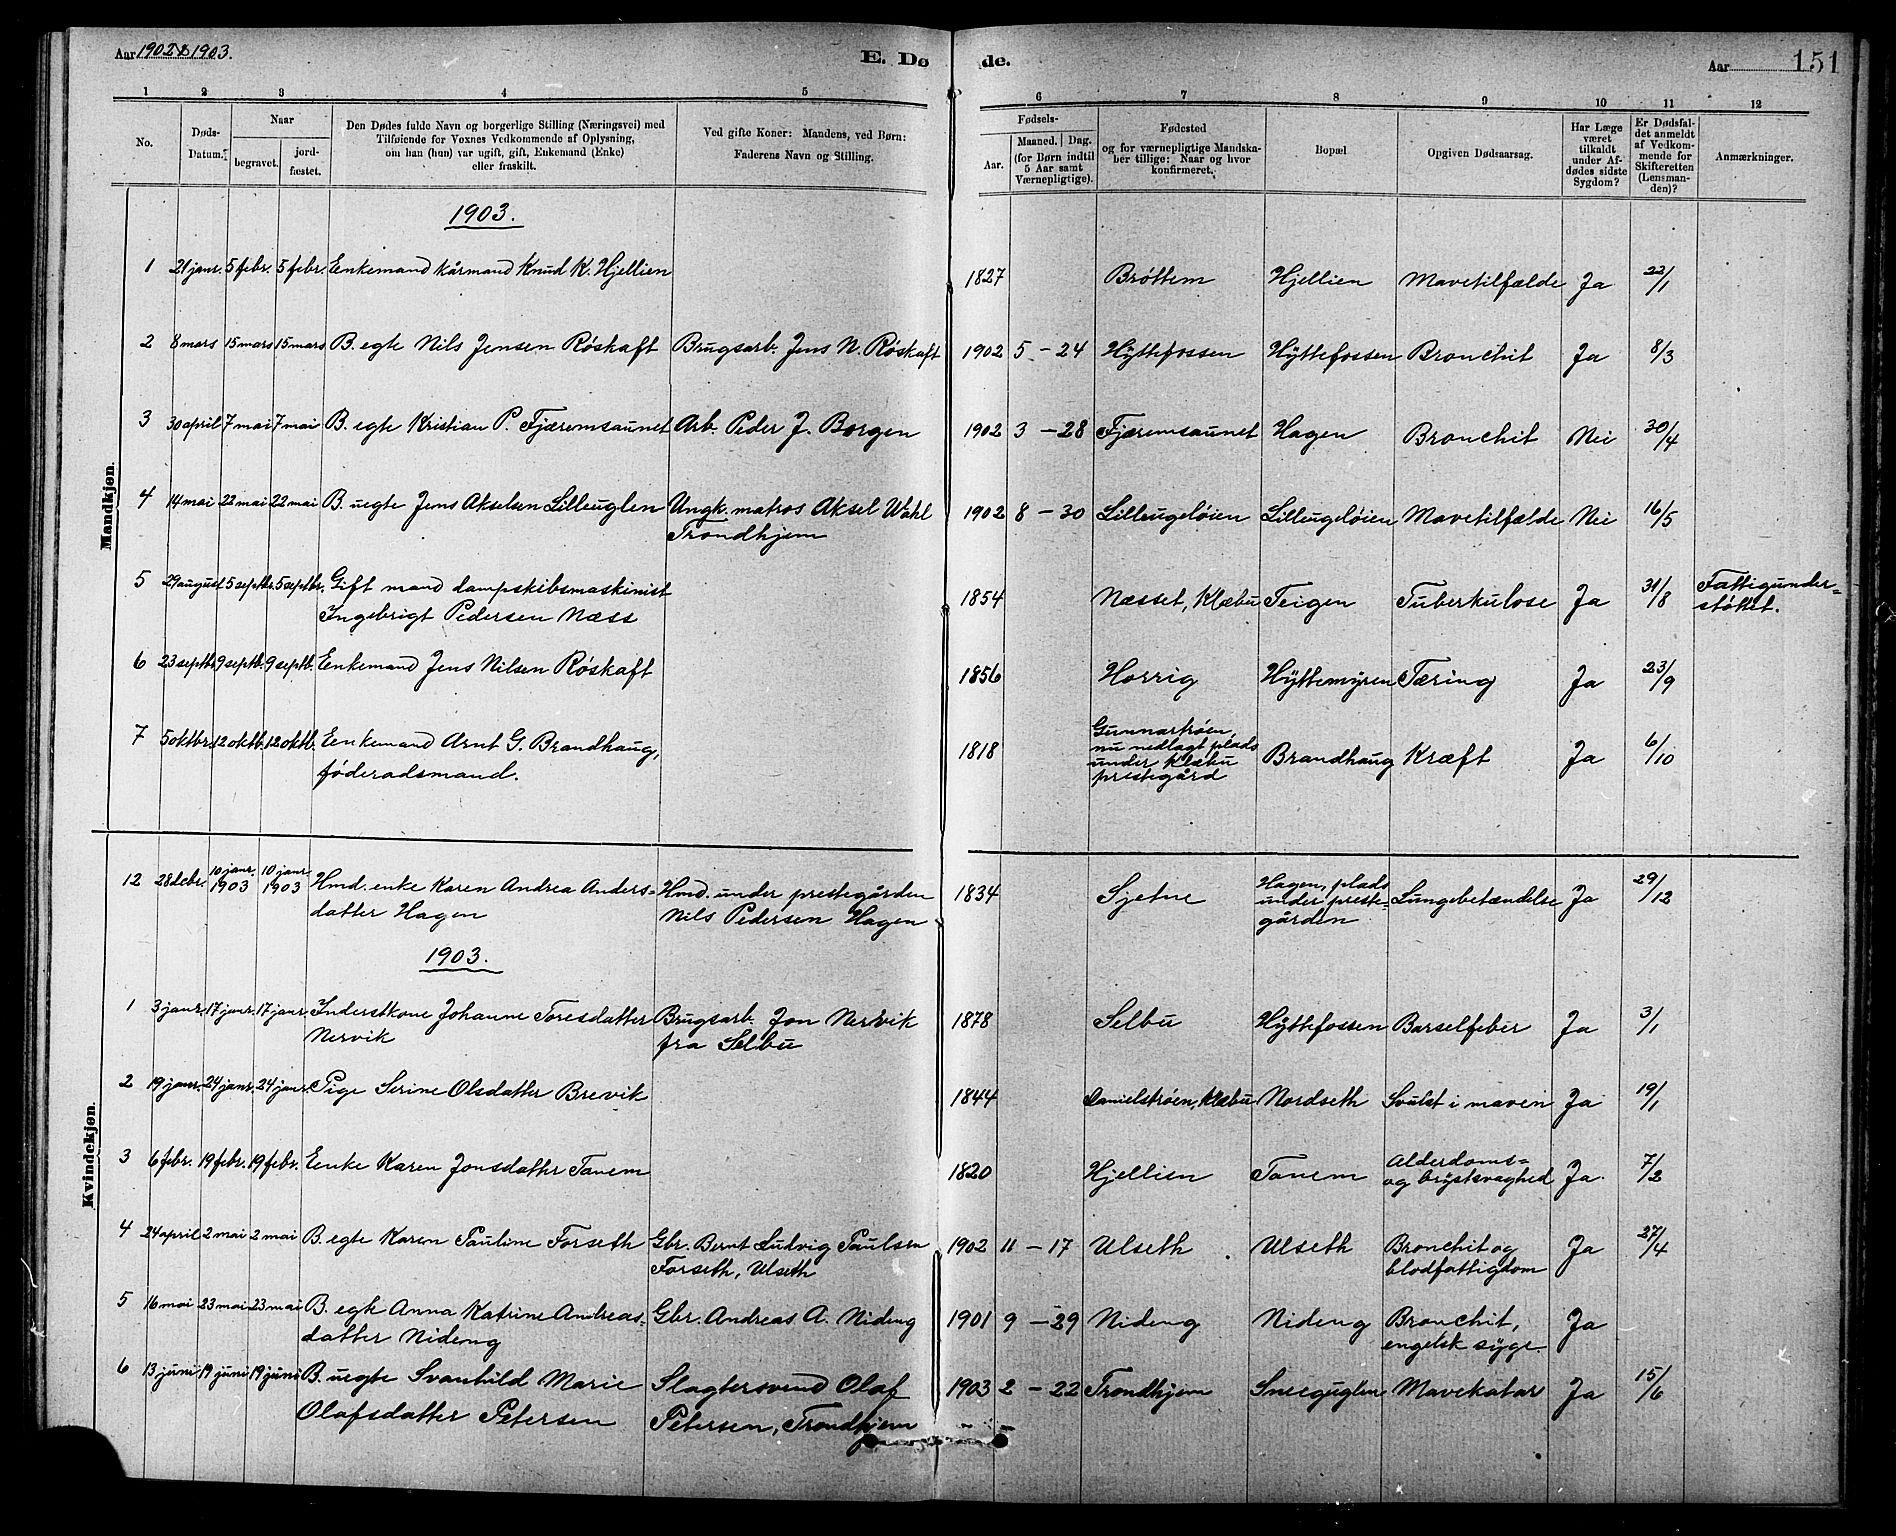 SAT, Ministerialprotokoller, klokkerbøker og fødselsregistre - Sør-Trøndelag, 618/L0452: Klokkerbok nr. 618C03, 1884-1906, s. 151